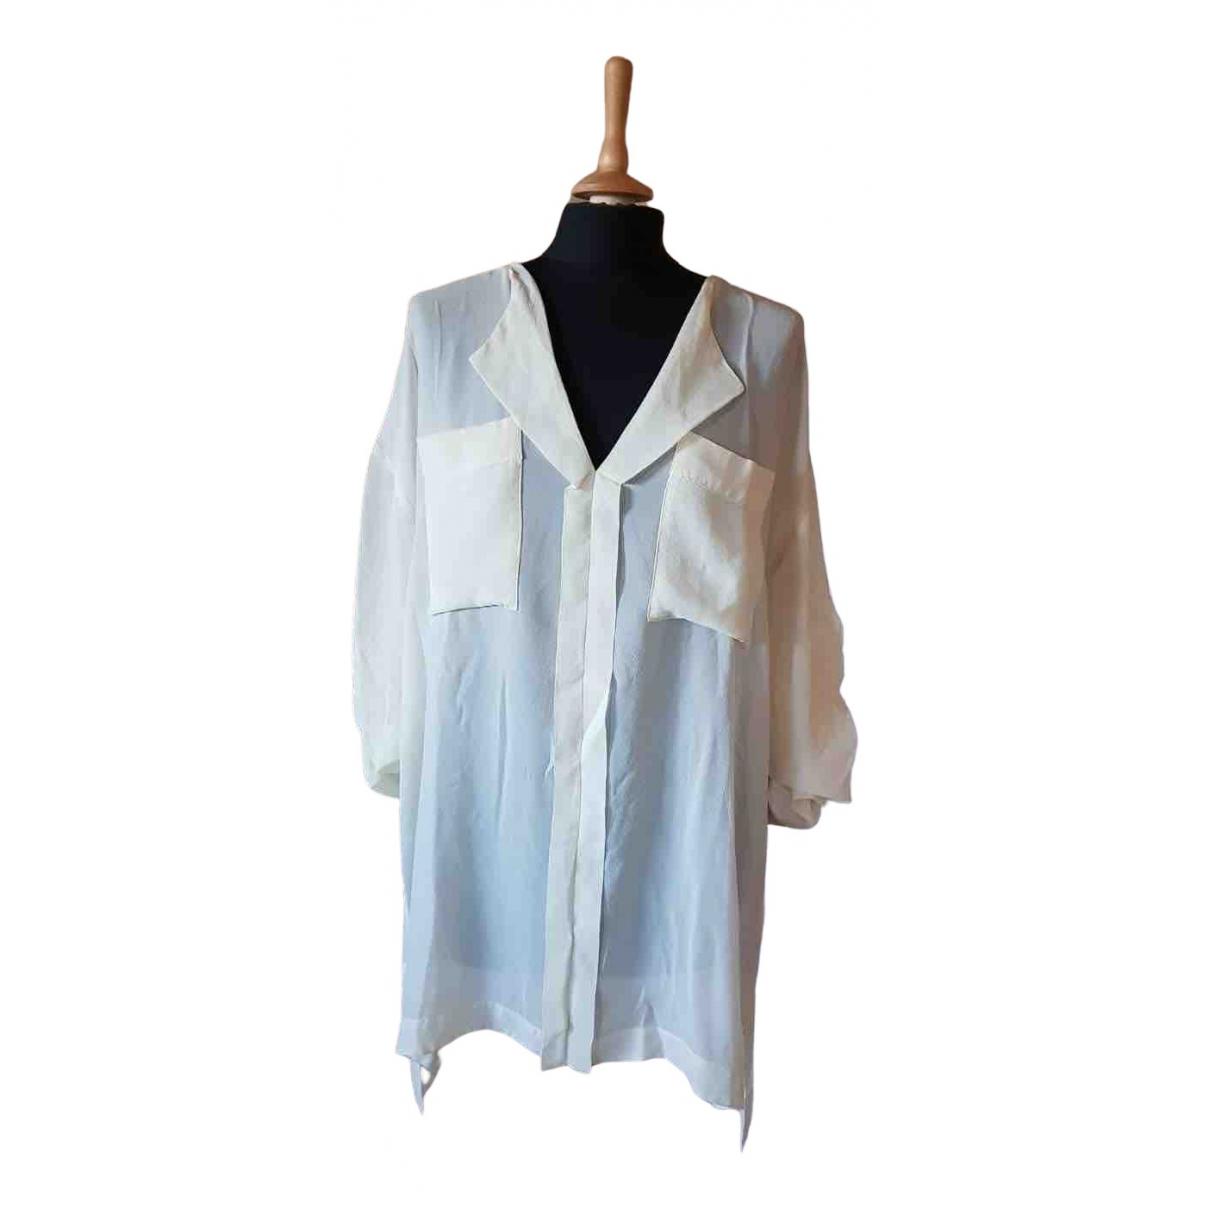 Attic And Barn - Chemises   pour homme en soie - blanc